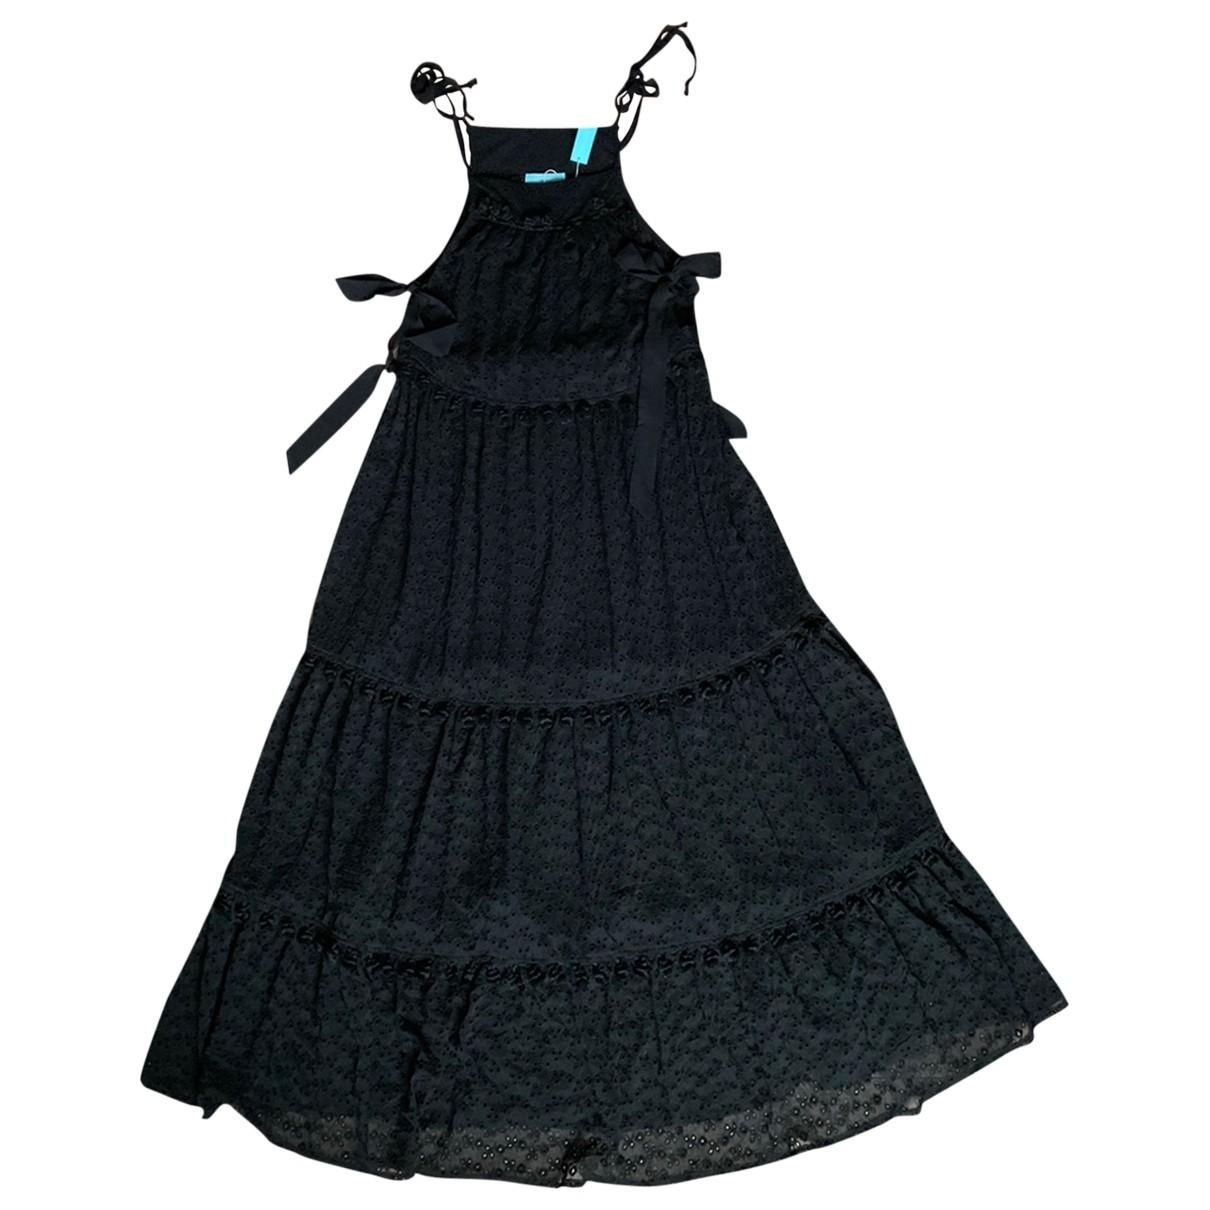 Melissa Odabash \N Kleid in  Schwarz Baumwolle